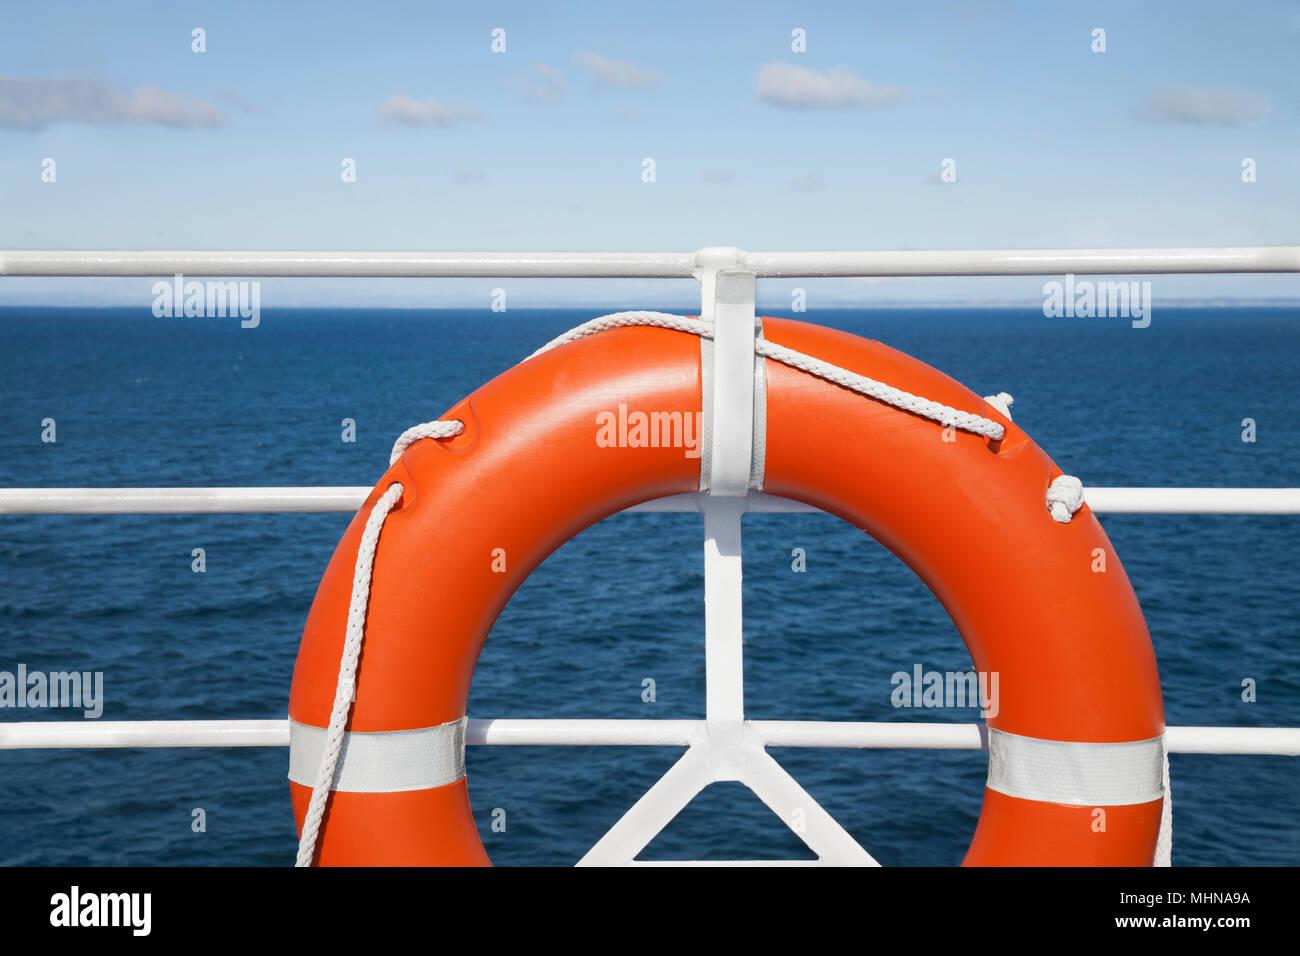 Salvavidas y pasamanos cubierta en crucero contra Seascape en un día soleado. Concepto de viaje Imagen De Stock